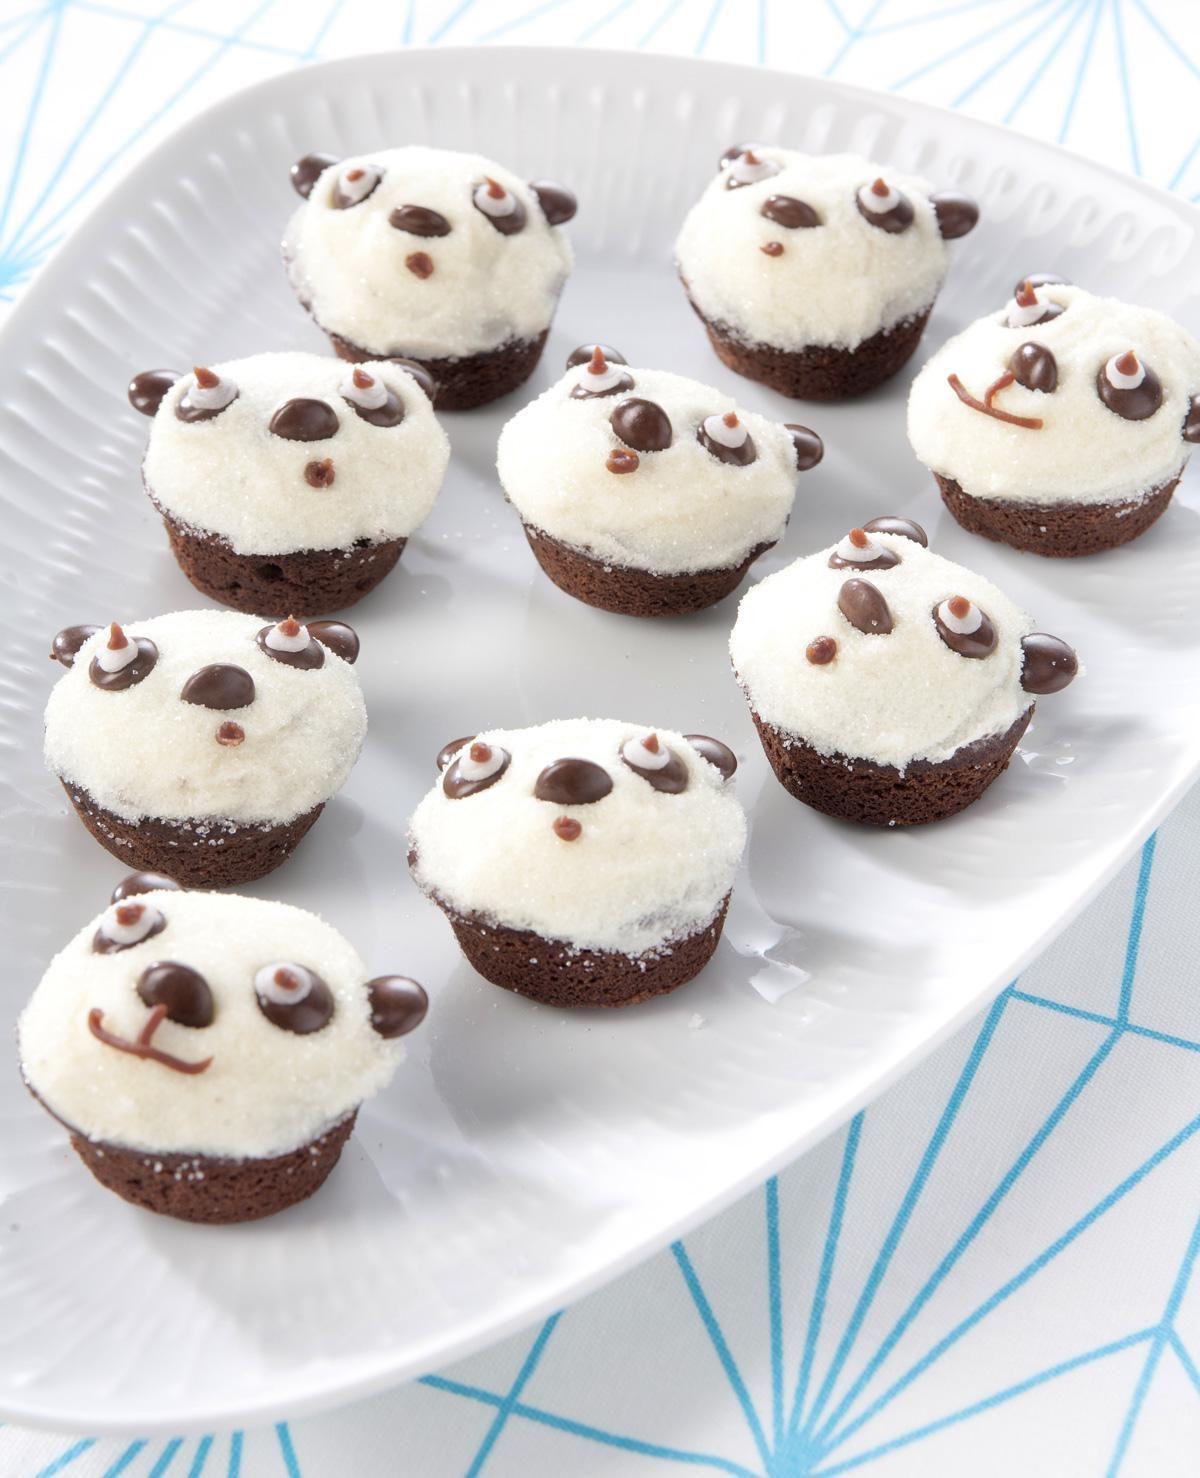 Op zoek naar een lekkere en leuke traktatie? Deze pandabeertjes, gemaakt van muffins en chocolade zijn een goed idee!